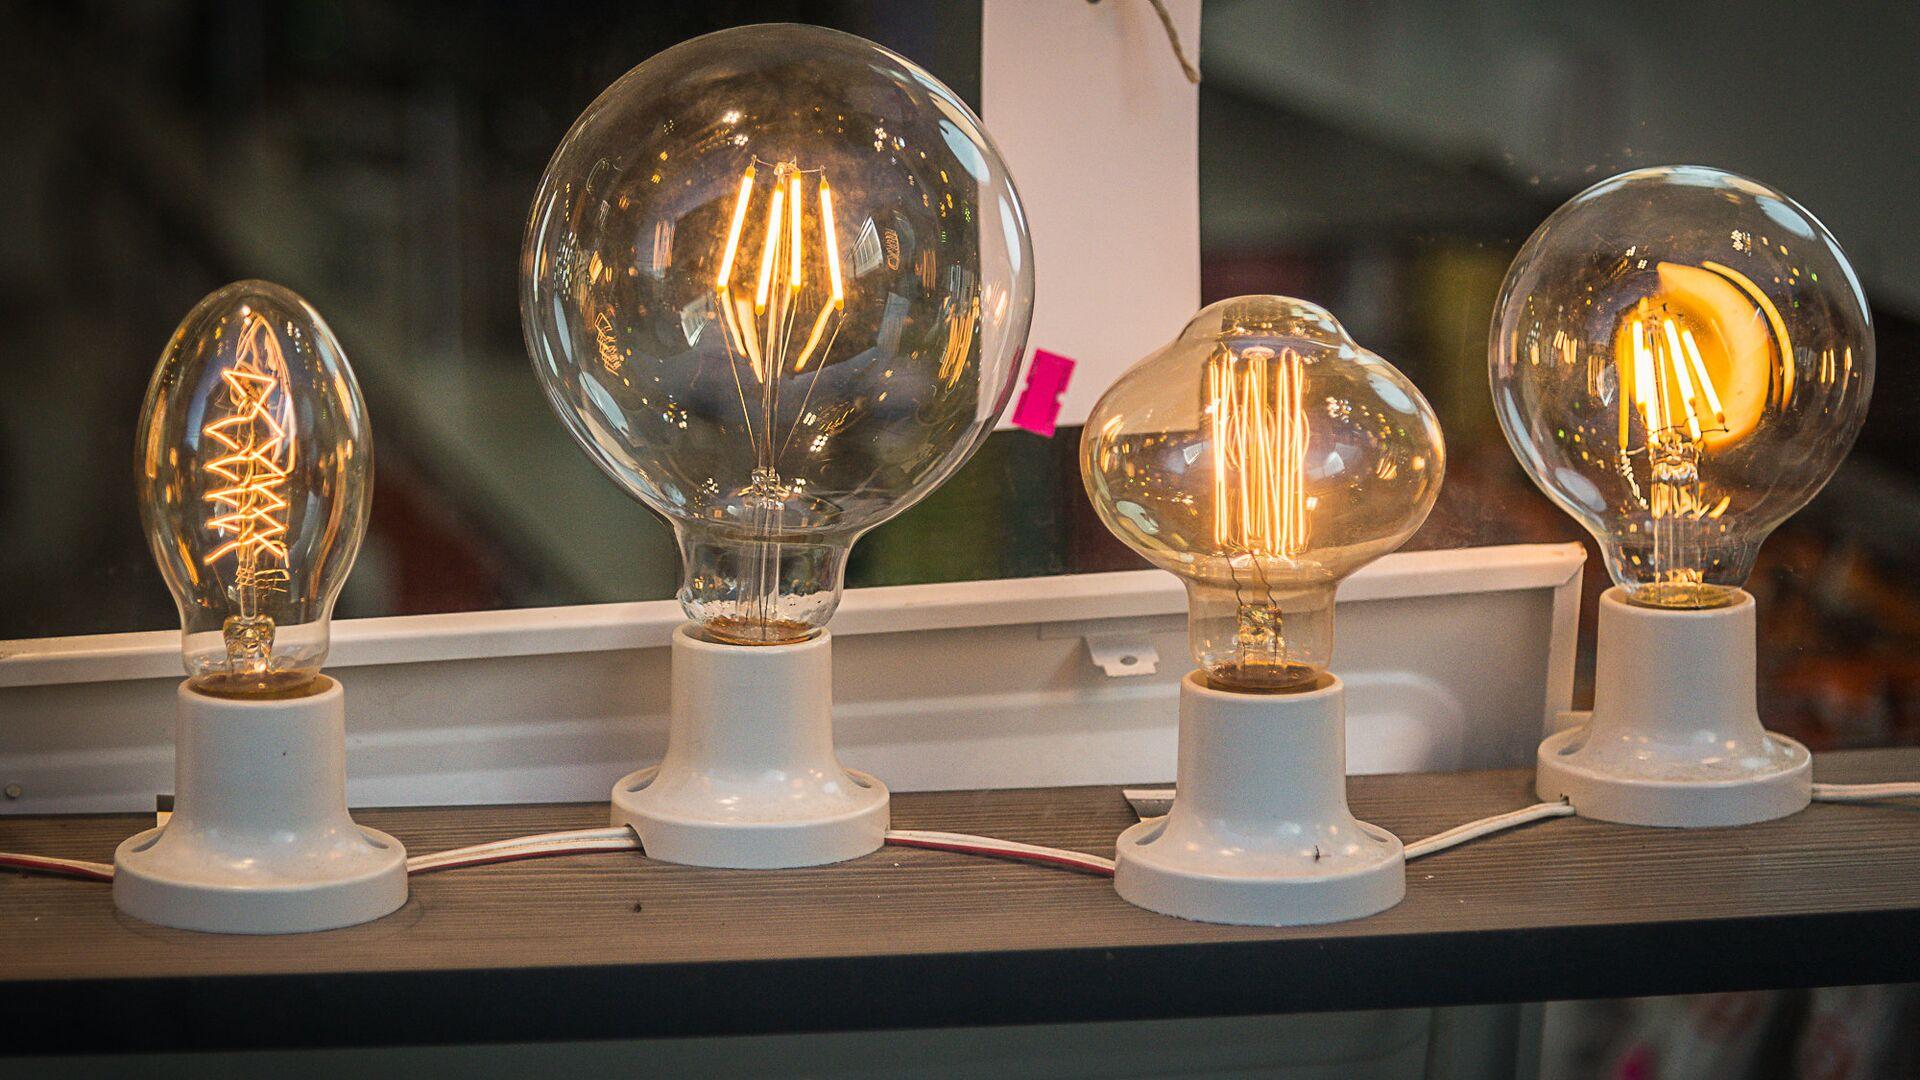 Электричество и электрические лампочки. Строительный рынок Элиава  - Sputnik Грузия, 1920, 01.10.2021